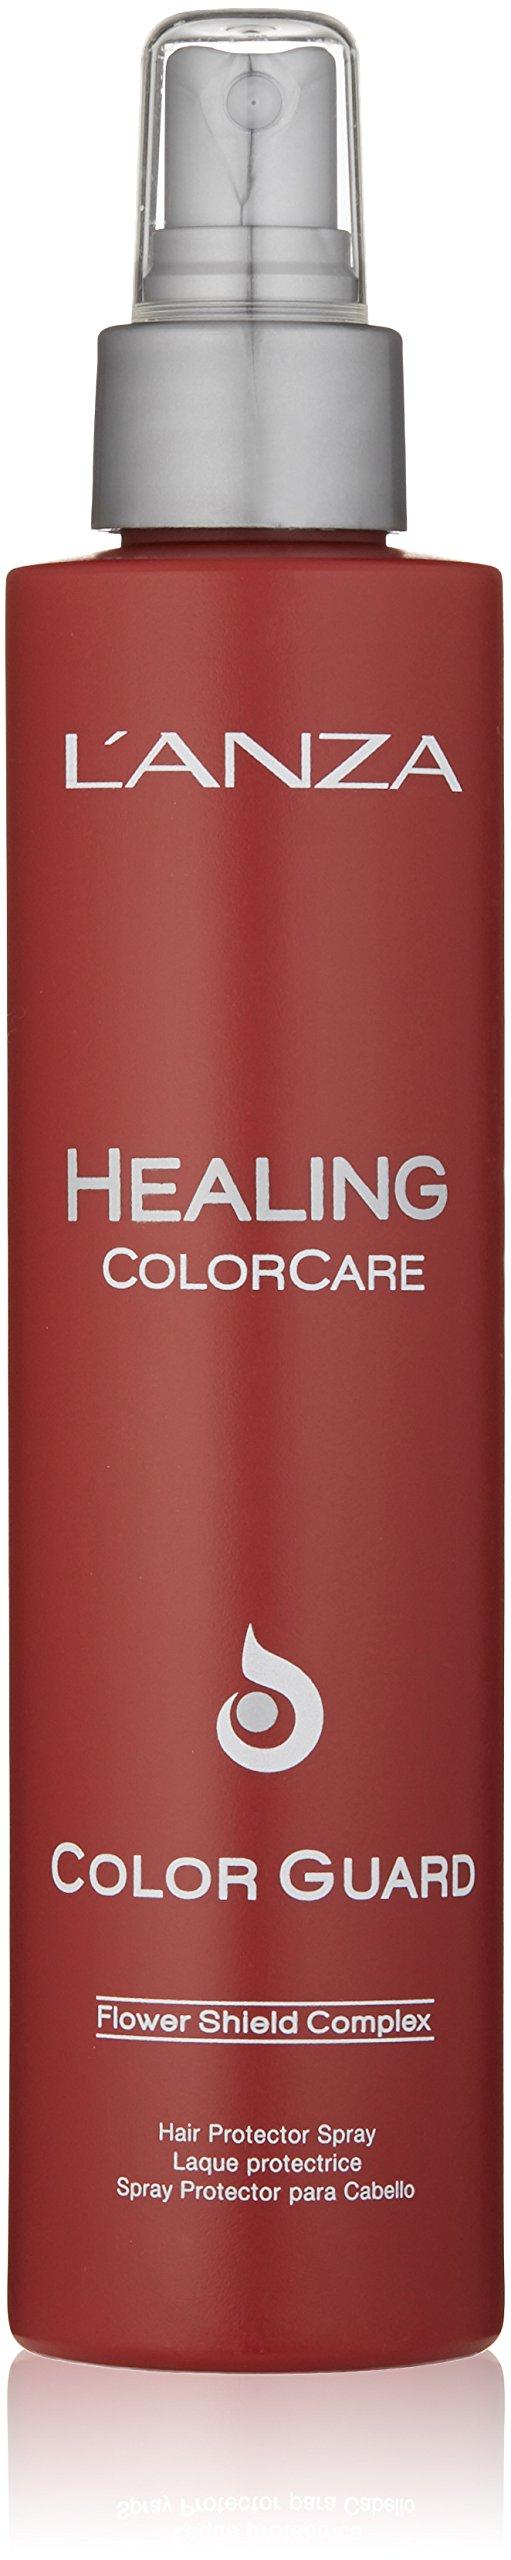 L'ANZA Healing Colorcare Color Guard, 6.8 oz. by L'ANZA